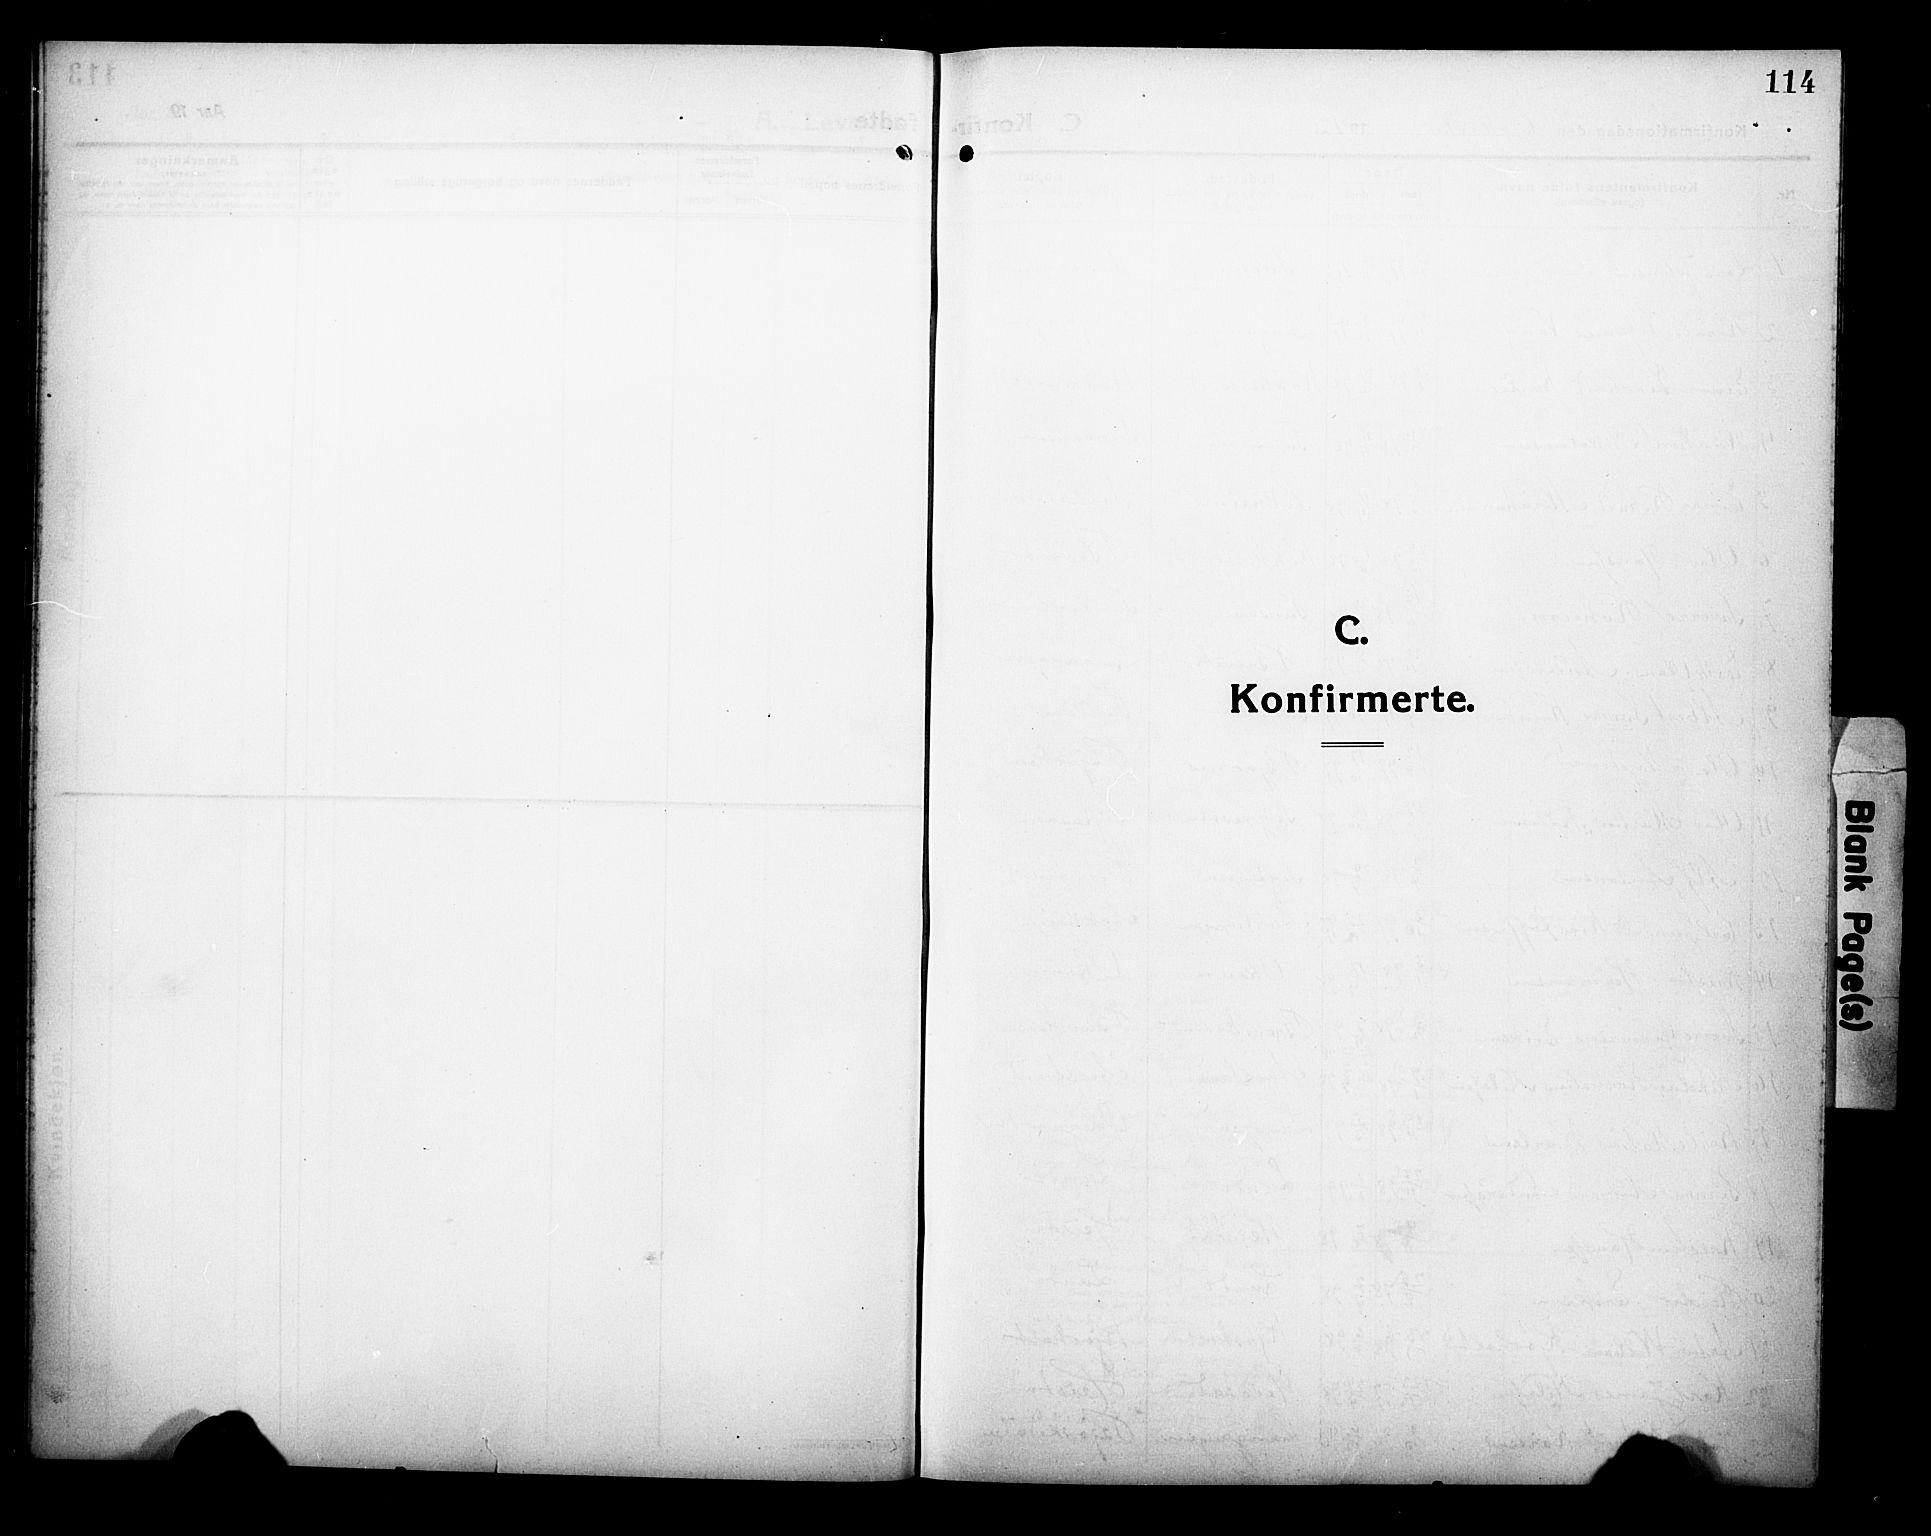 SAKO, Eidanger kirkebøker, G/Ga/L0004: Klokkerbok nr. 4, 1912-1927, s. 114